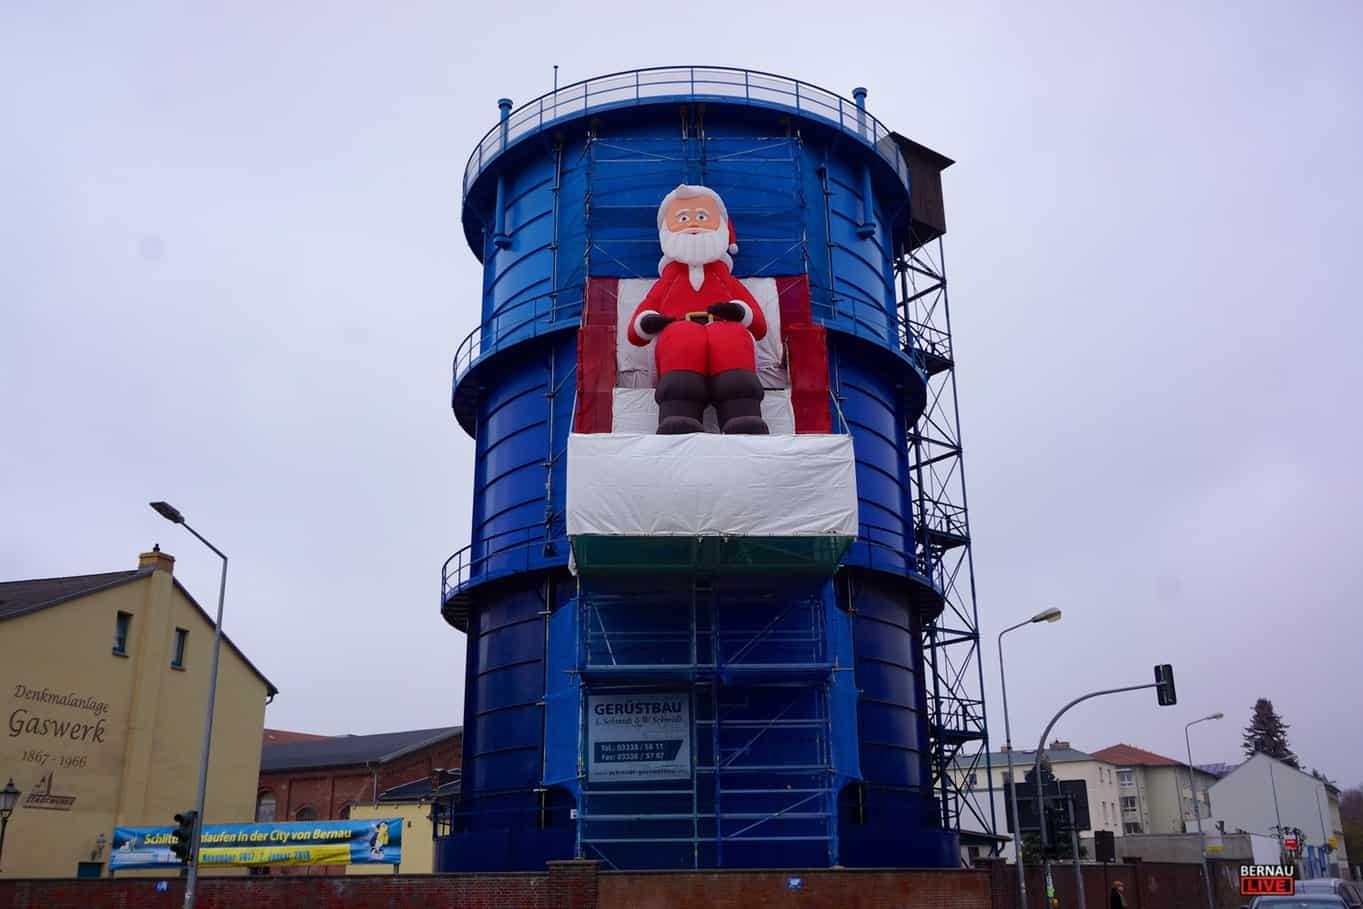 Er ist wieder da! Unser Weihnachtsmann am Gaskessel in Bernau